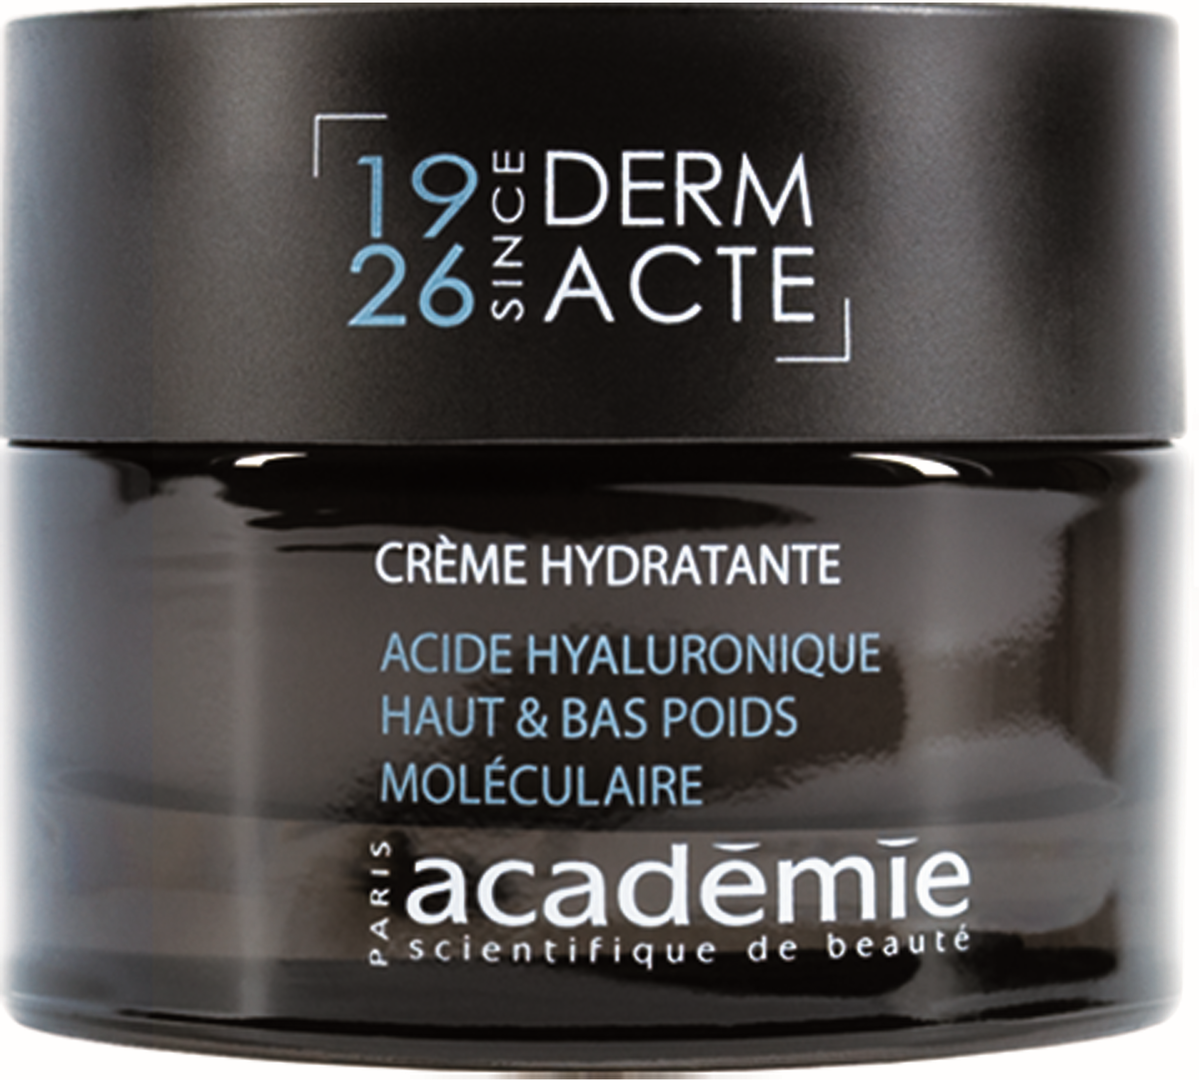 ACADEMIE Крем увлажняющий с гиалуроновой кислотой / DERM ACTE 50млКремы<br>Крем для максимального увлажнения обезвоженной кожи любого типа. Способствует созданию  депо влаги  в коже. Наполняет кожу, разглаживает мелкие морщины, избавляет от стянутости и шелушения. Успокаивает и балансирует. Особенно рекомендован для кожи после избыточной инсоляции, стрессов и в периоды межсезонья. Результат: Увлажненная, свежая, наполненная кожа. Активные ингредиенты: гиалуроновая кислота высокой молекулярной массы 0.4%; гиалуроновая кислота низкой молекулярной массы 0.4%; осмопротектный увлажнитель 3%; масло ши 1%; масло макадамии 1%; растительные керамиды направленного действия: 3%. Способ применения:&amp;nbsp;крем рекомендуется использовать 1-2 раза в день. Нанести крем на очищенную и тонизированную кожу и впитать мягкими массажными движениями.<br><br>Вид средства для лица: Увлажняющий<br>Типы кожи: Сухая и обезвоженная<br>Назначение: Морщины